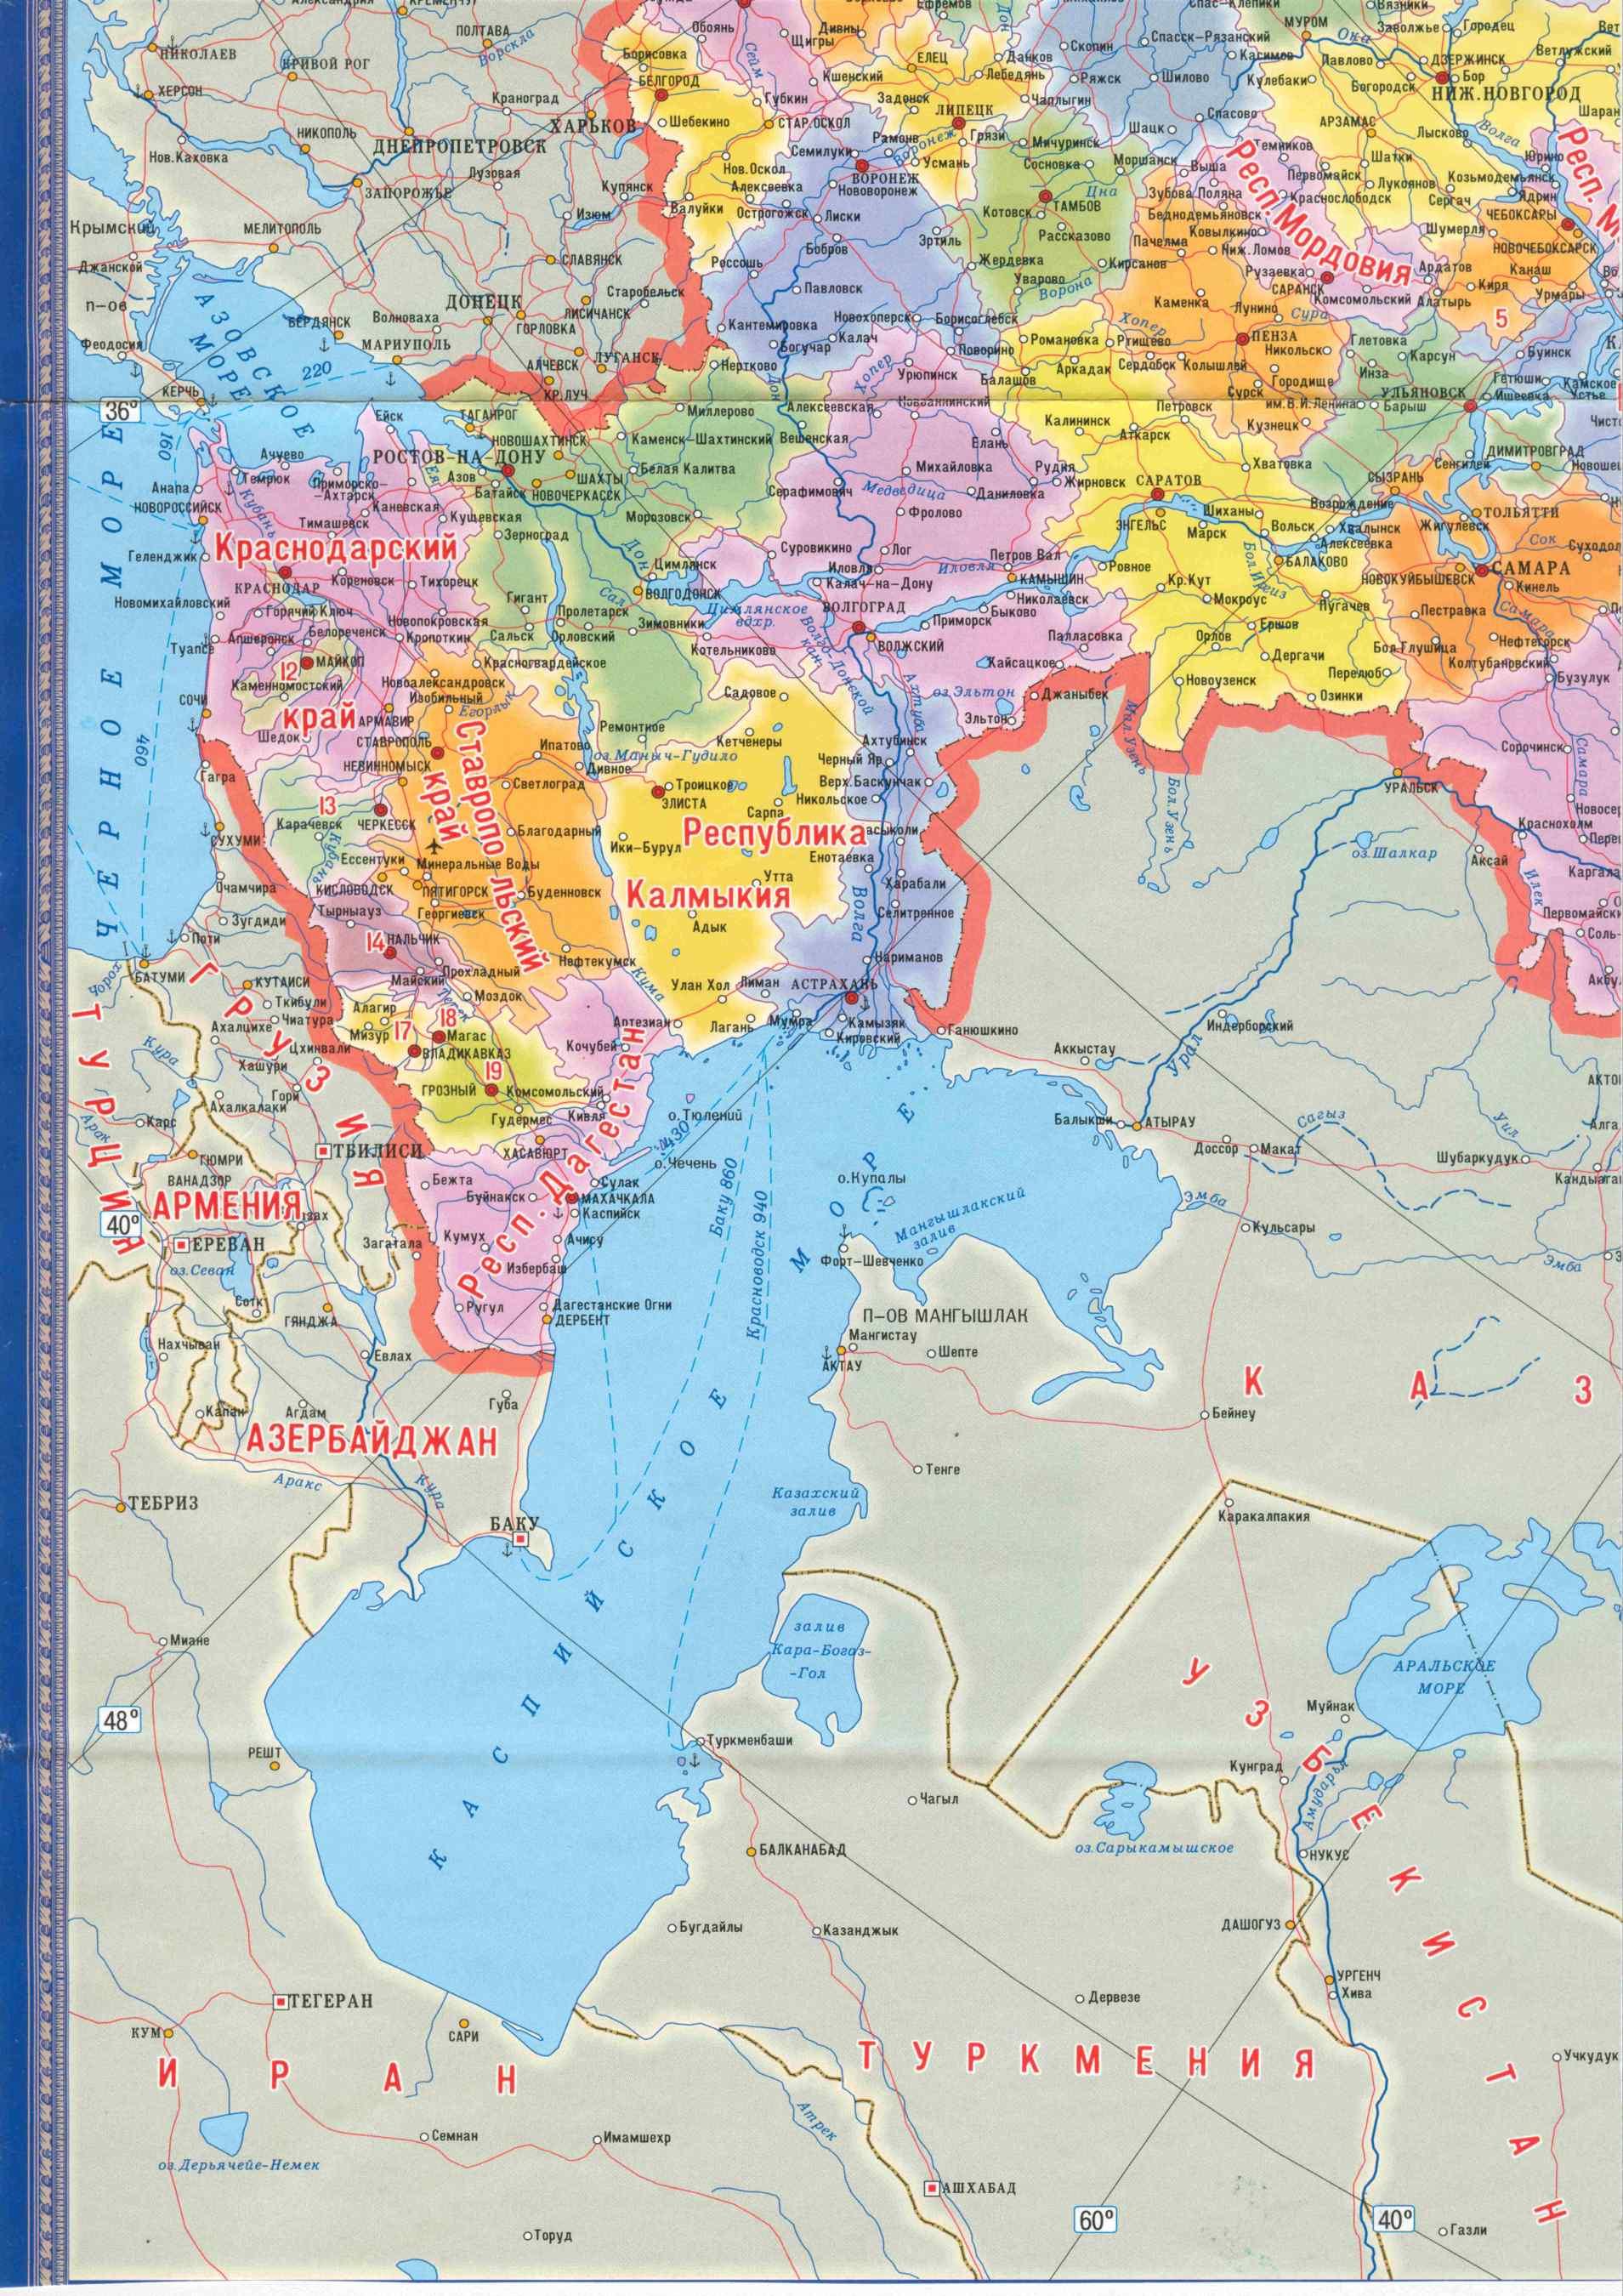 Karta Rossii S Oblastyami Bolshaya Podrobnaya Karta Rossii Karta